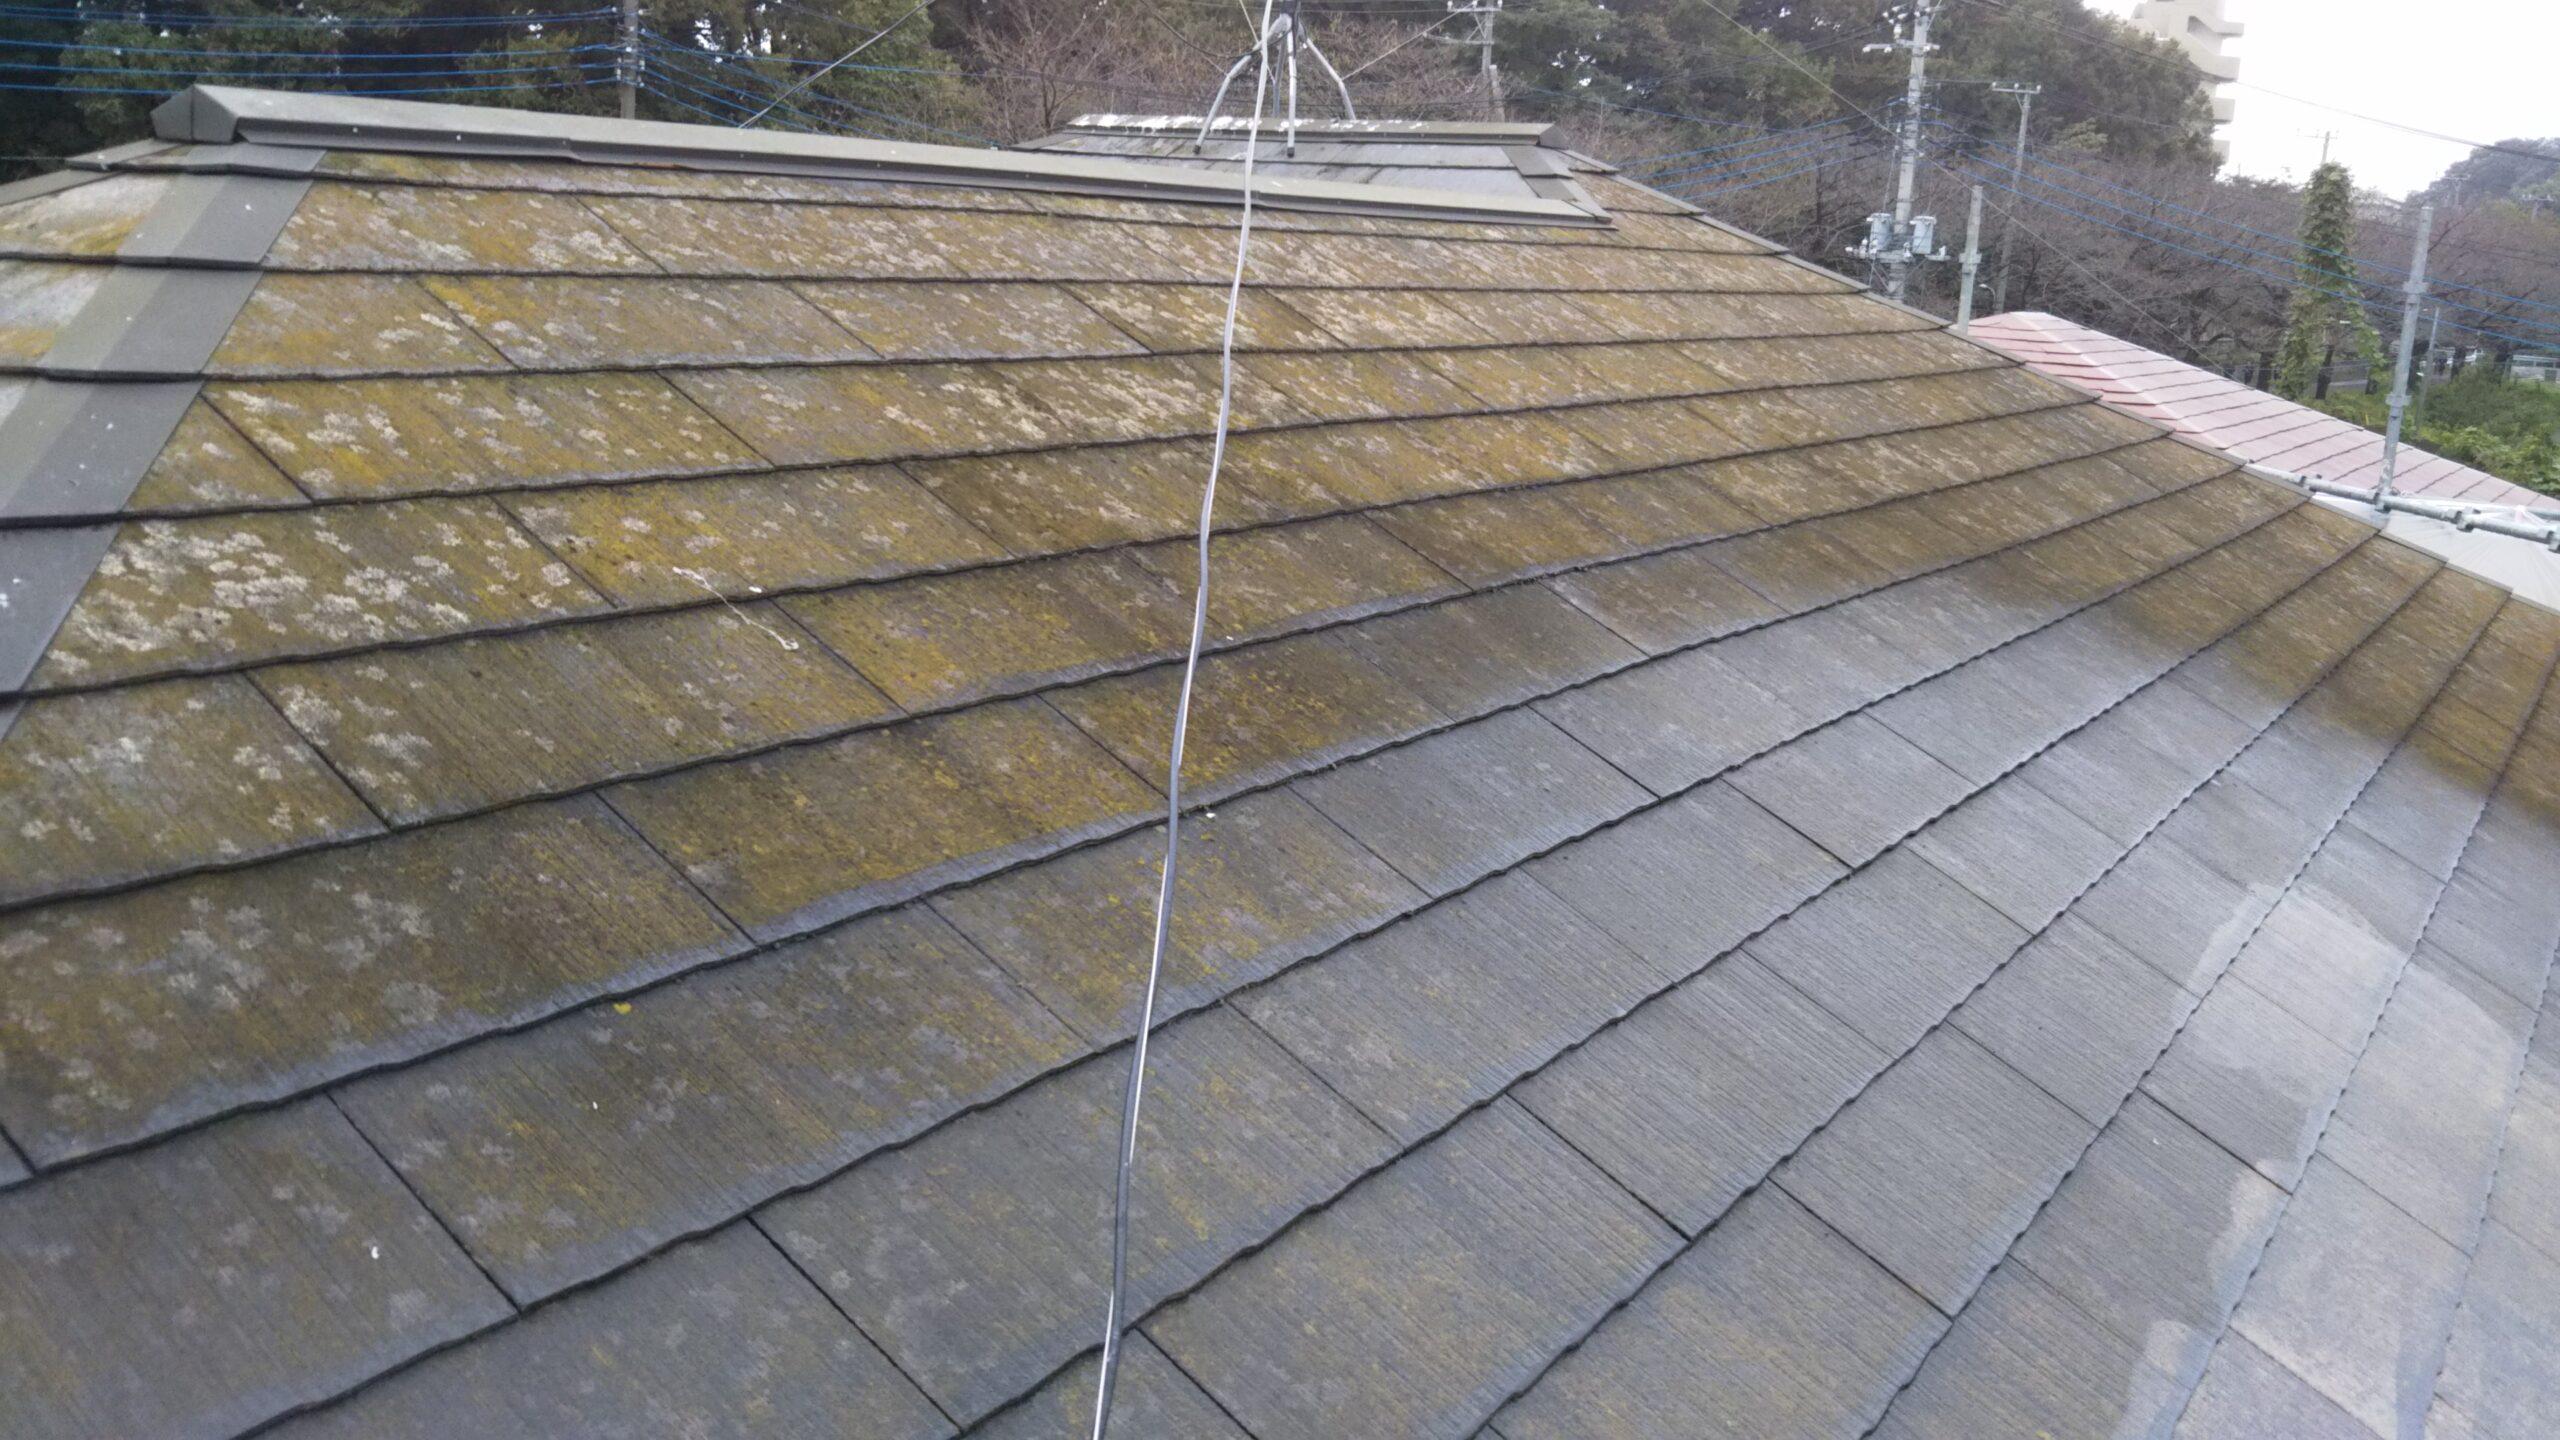 さいたま市浦和区のK様邸(木造2階建て)にて屋根・外壁の高圧洗浄